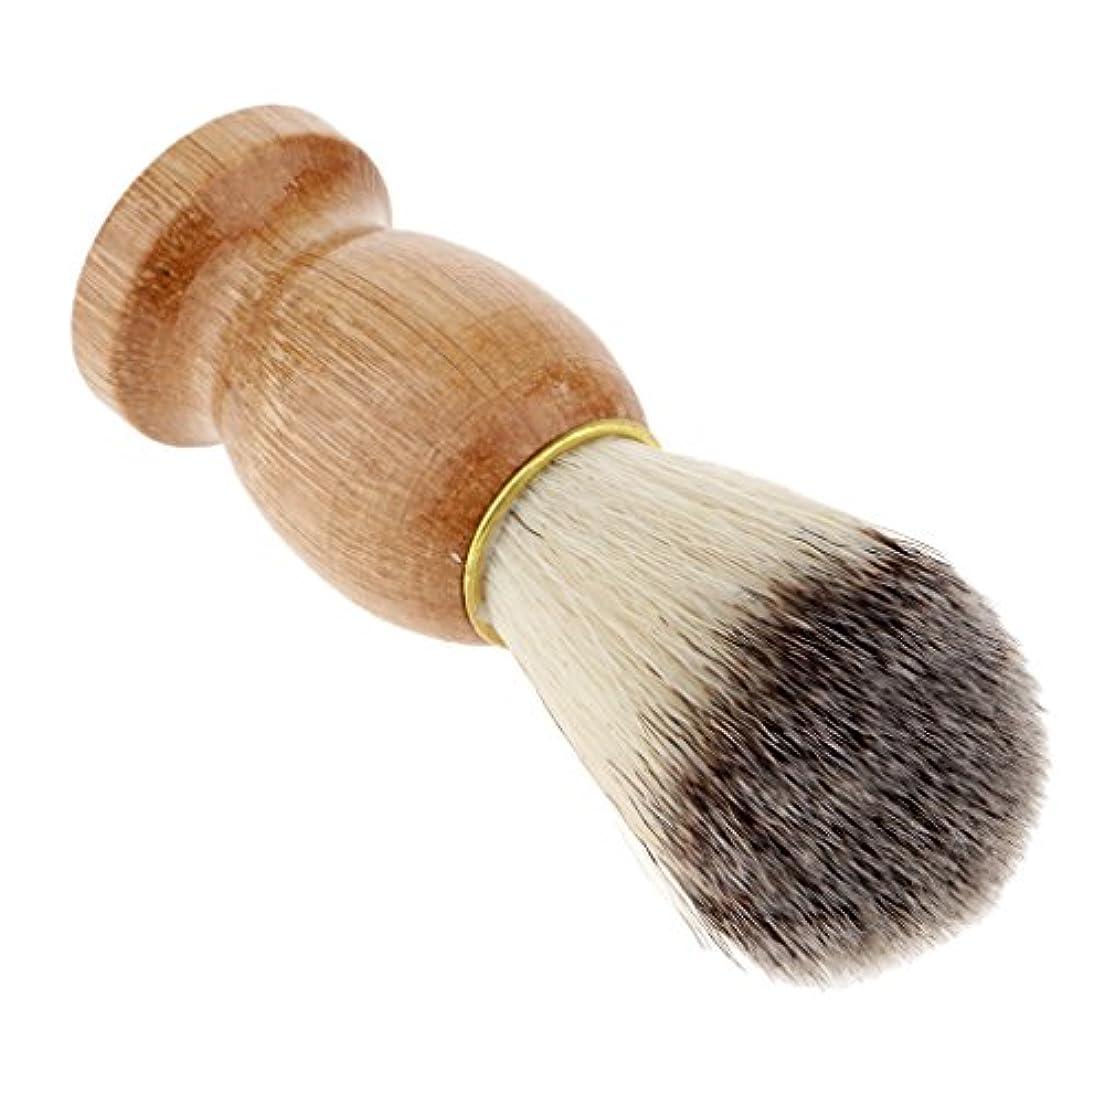 人毛ひげの切断の塵の浄化のための木製のハンドルの剛毛の剃るブラシ